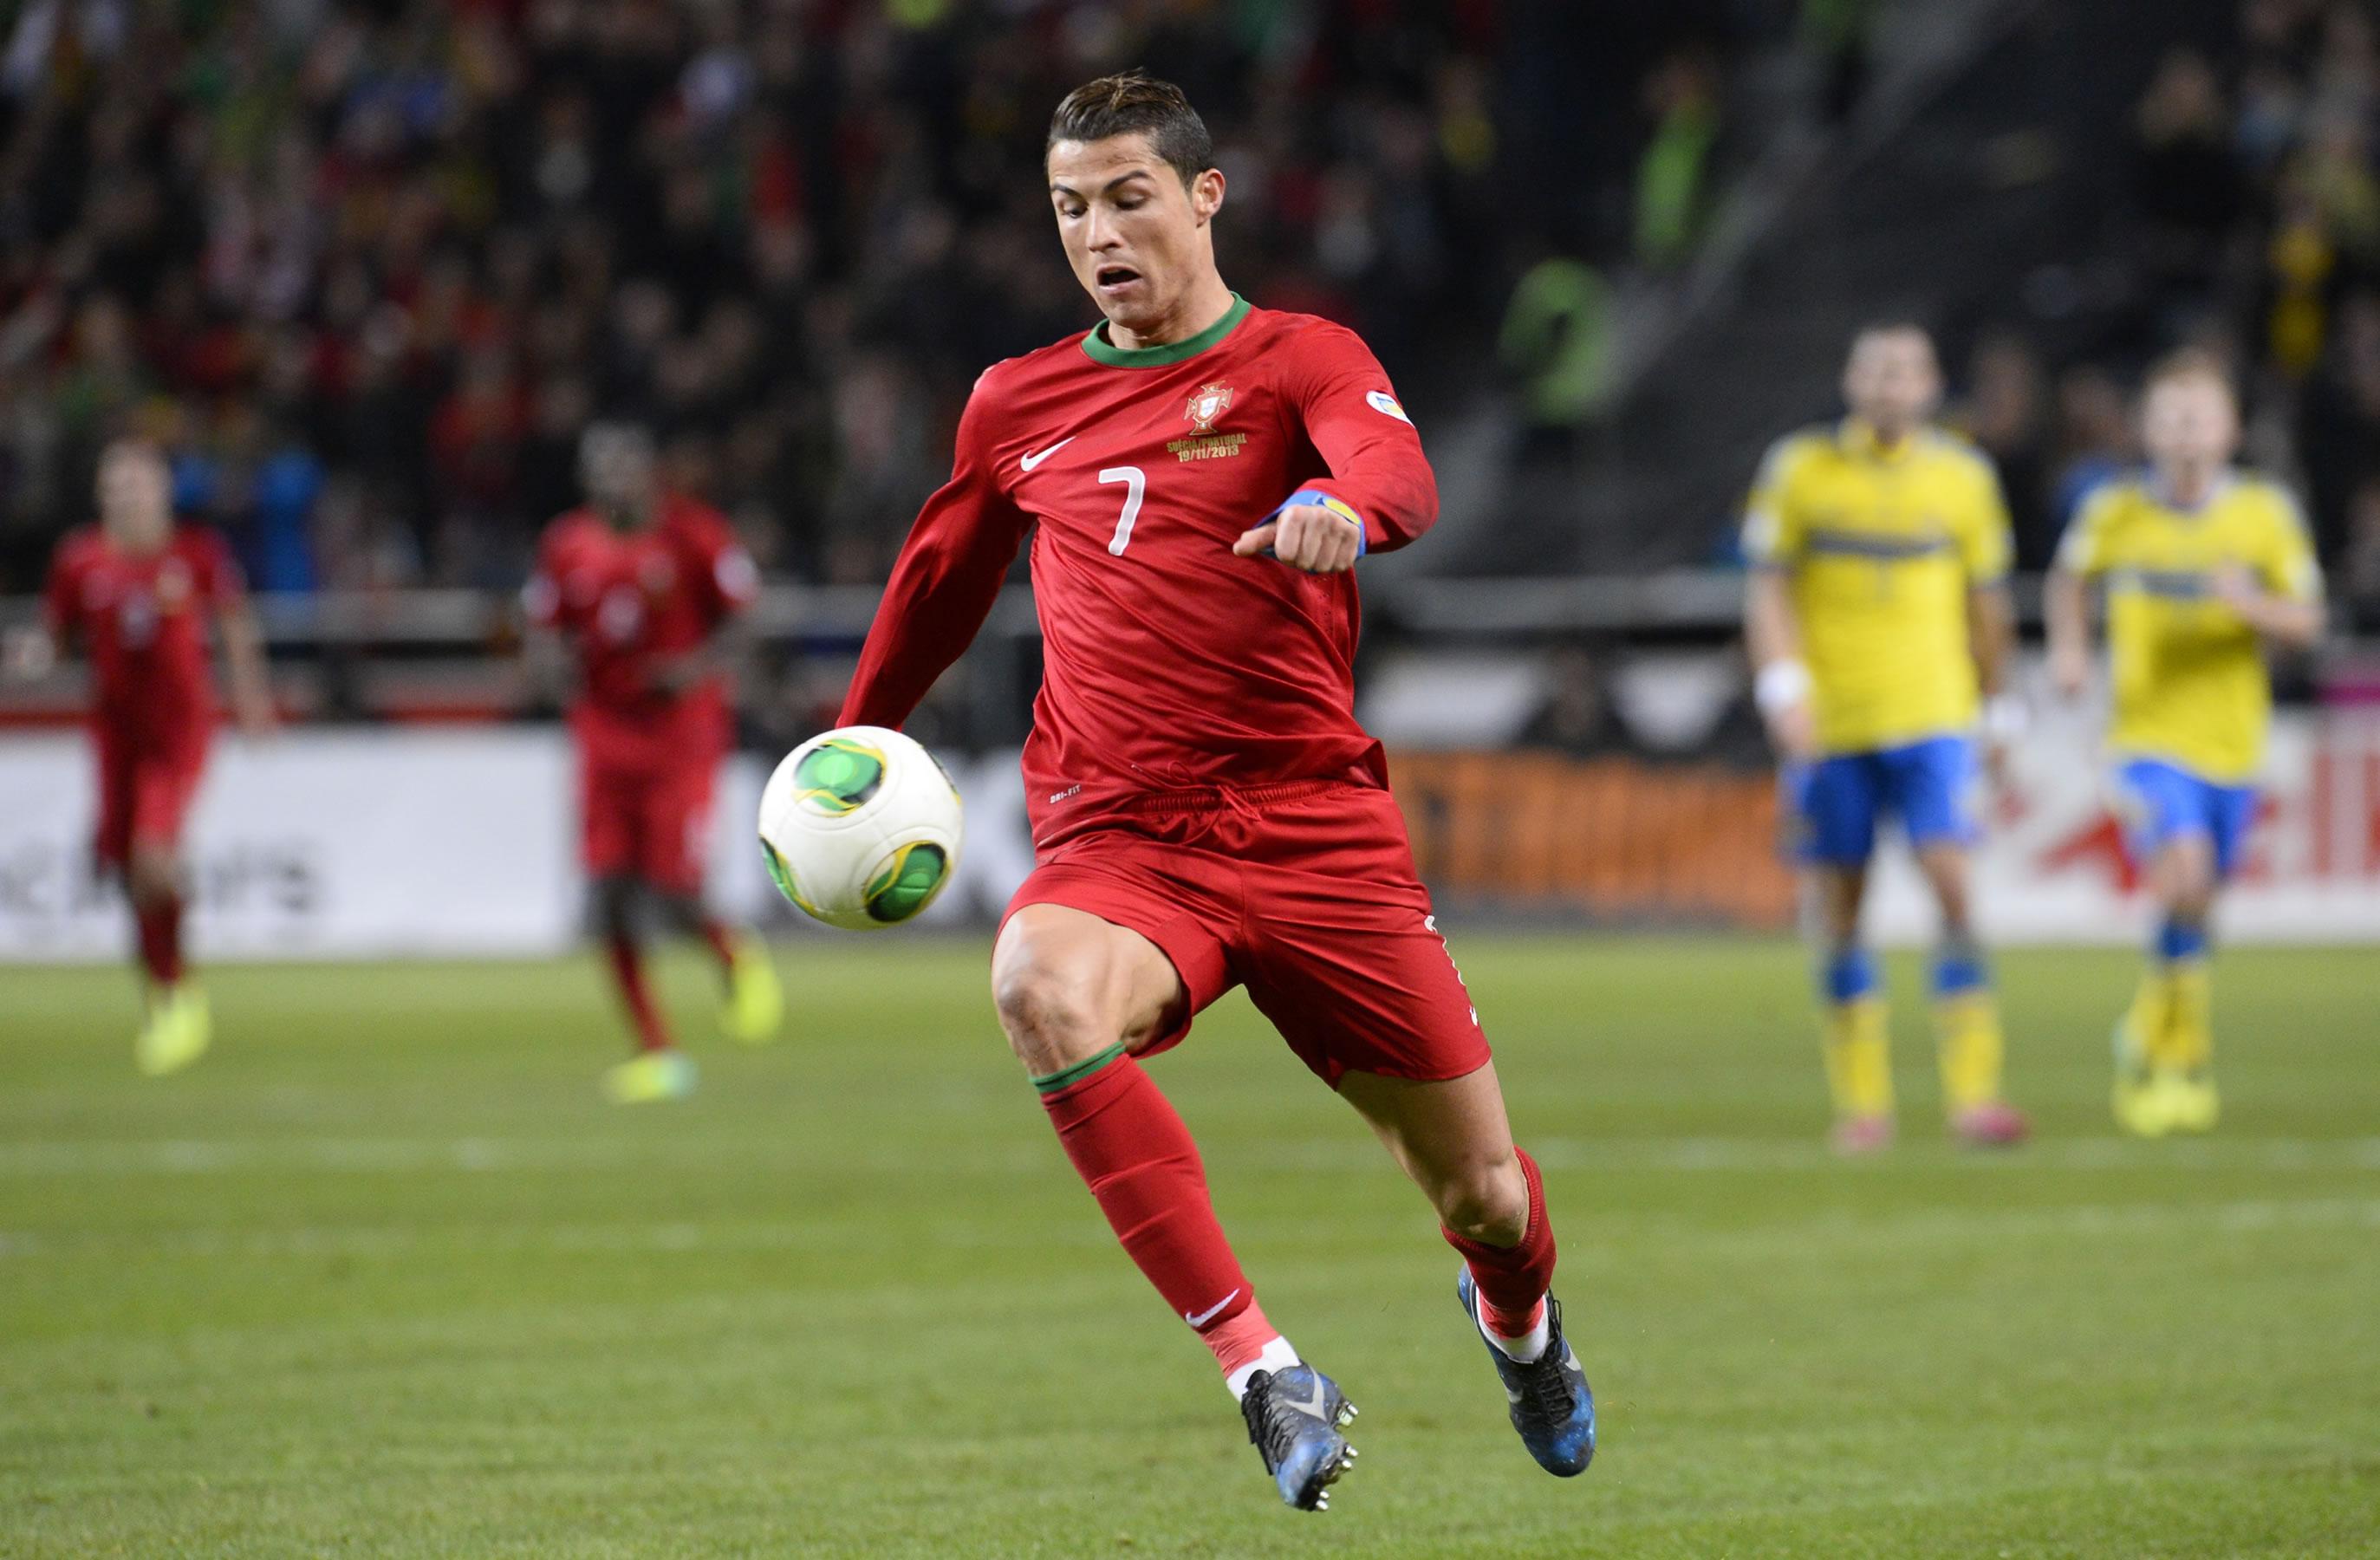 Cristiano Ronaldo Portugal vs Brazil wallpaper